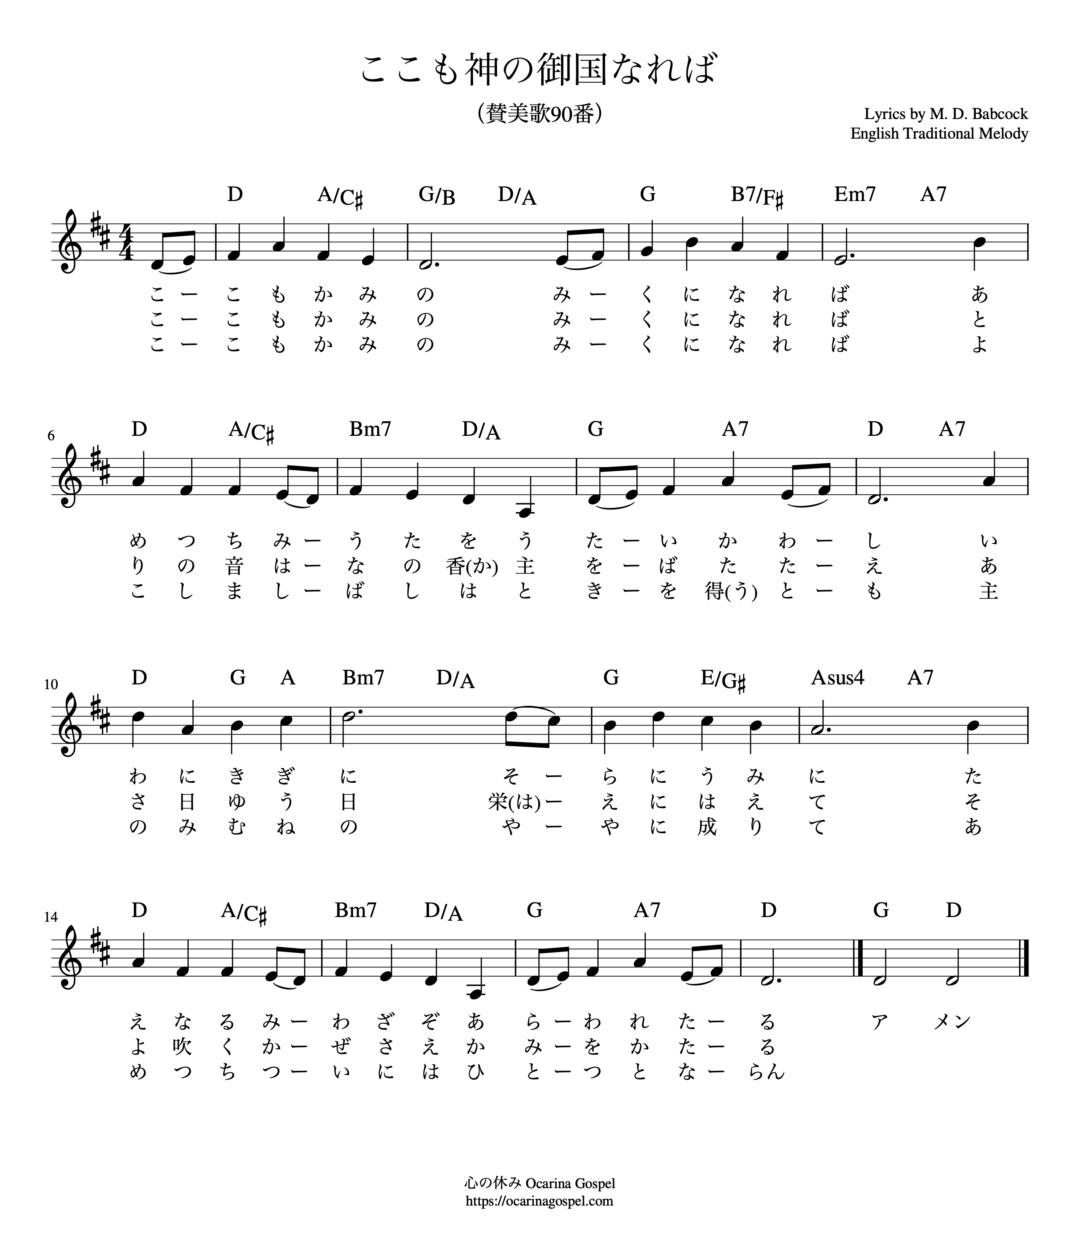 ここも神の御国なれば 楽譜 賛美歌